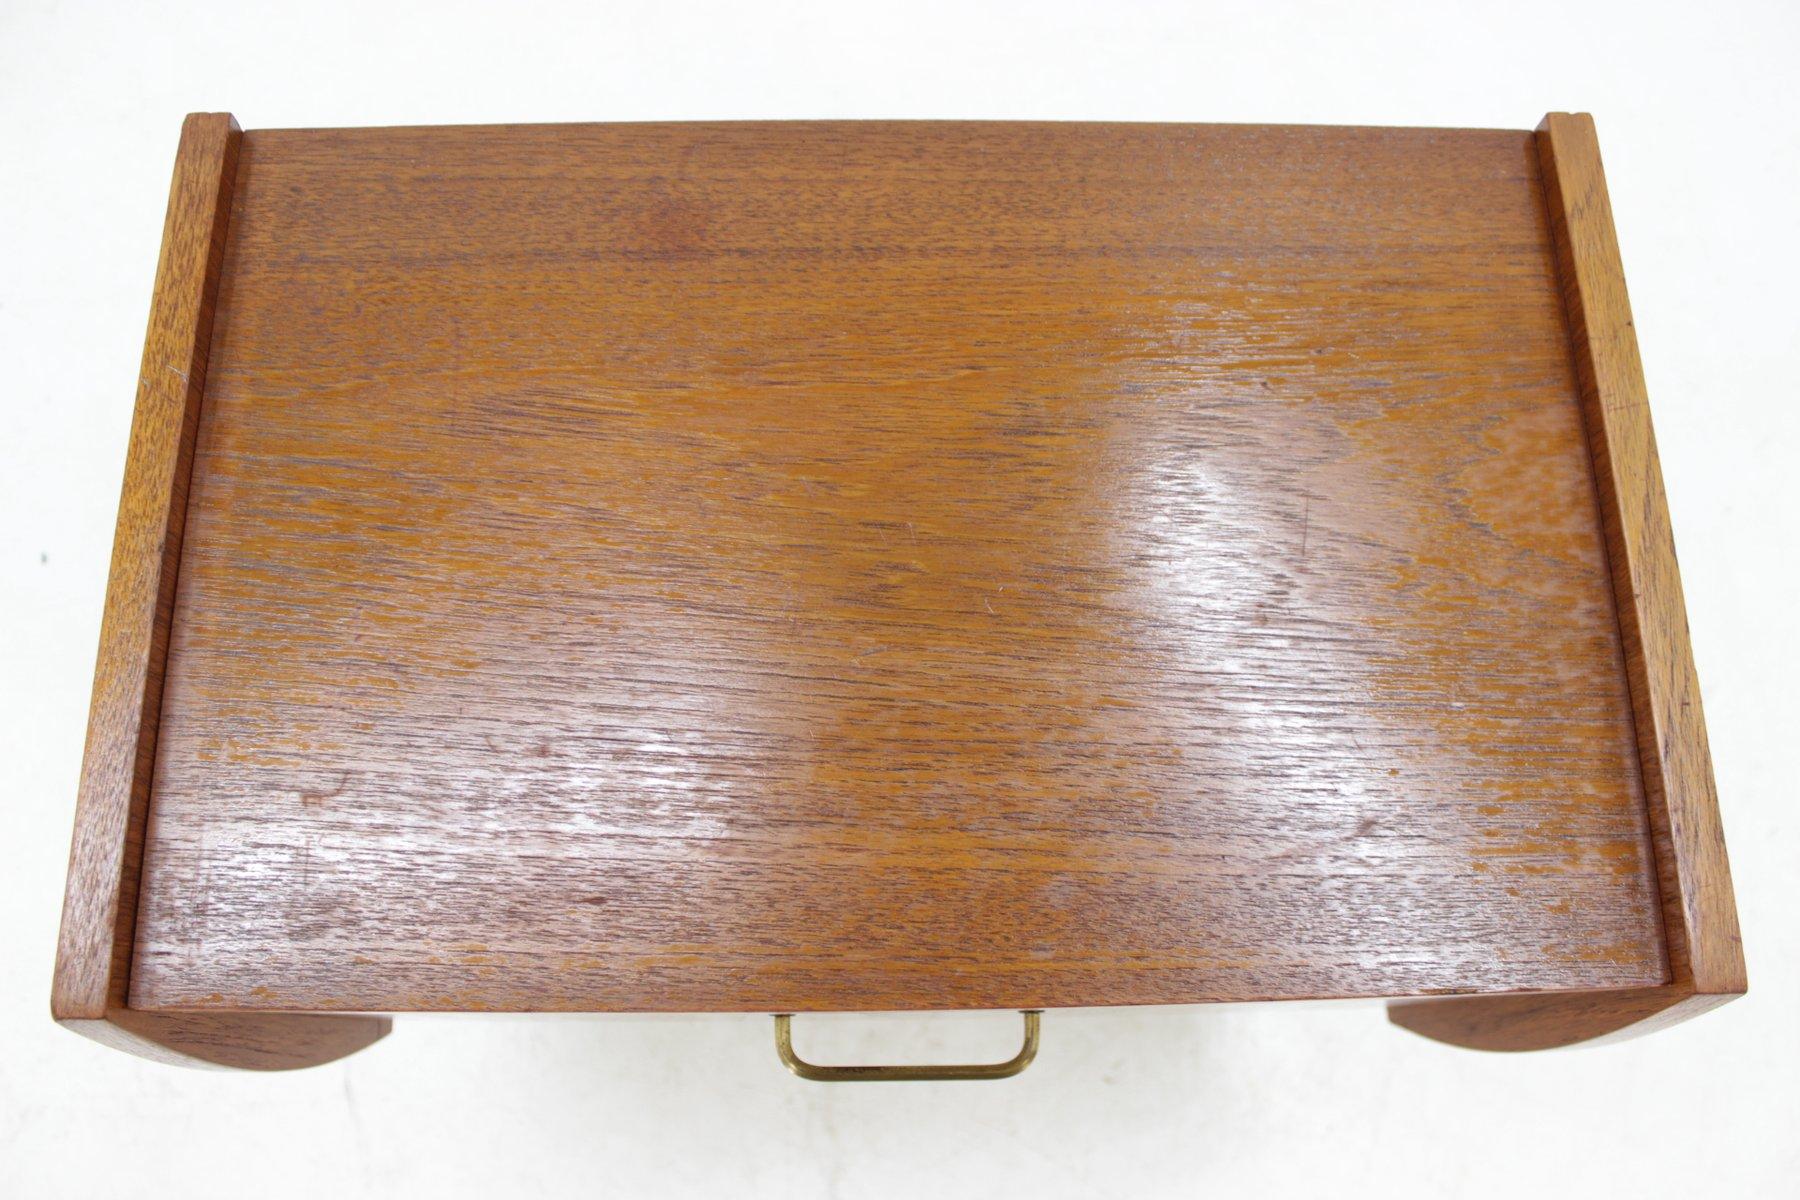 petite table d 39 appoint danemark 1960s en vente sur pamono. Black Bedroom Furniture Sets. Home Design Ideas